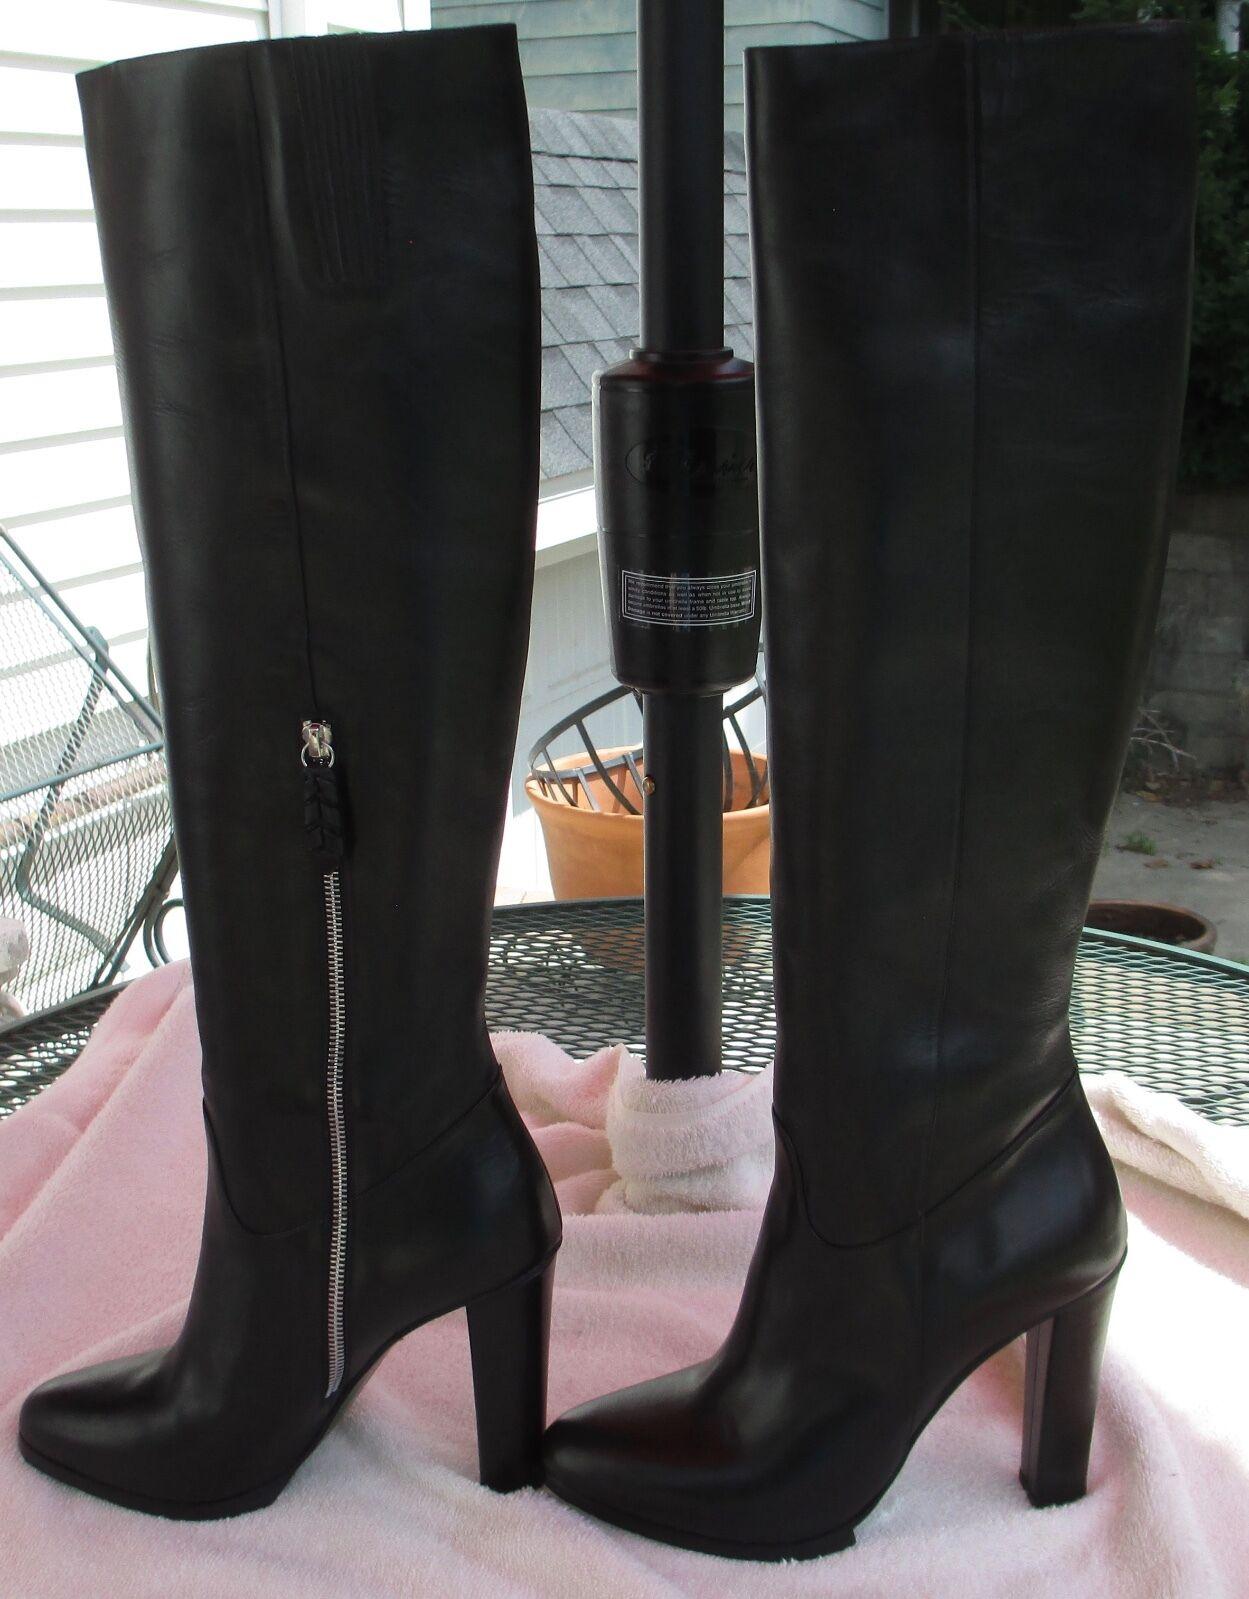 DONALD J PLINER Signature 'Tata' Black Leather Tall Boots Fits 9 - BRAND NEW!